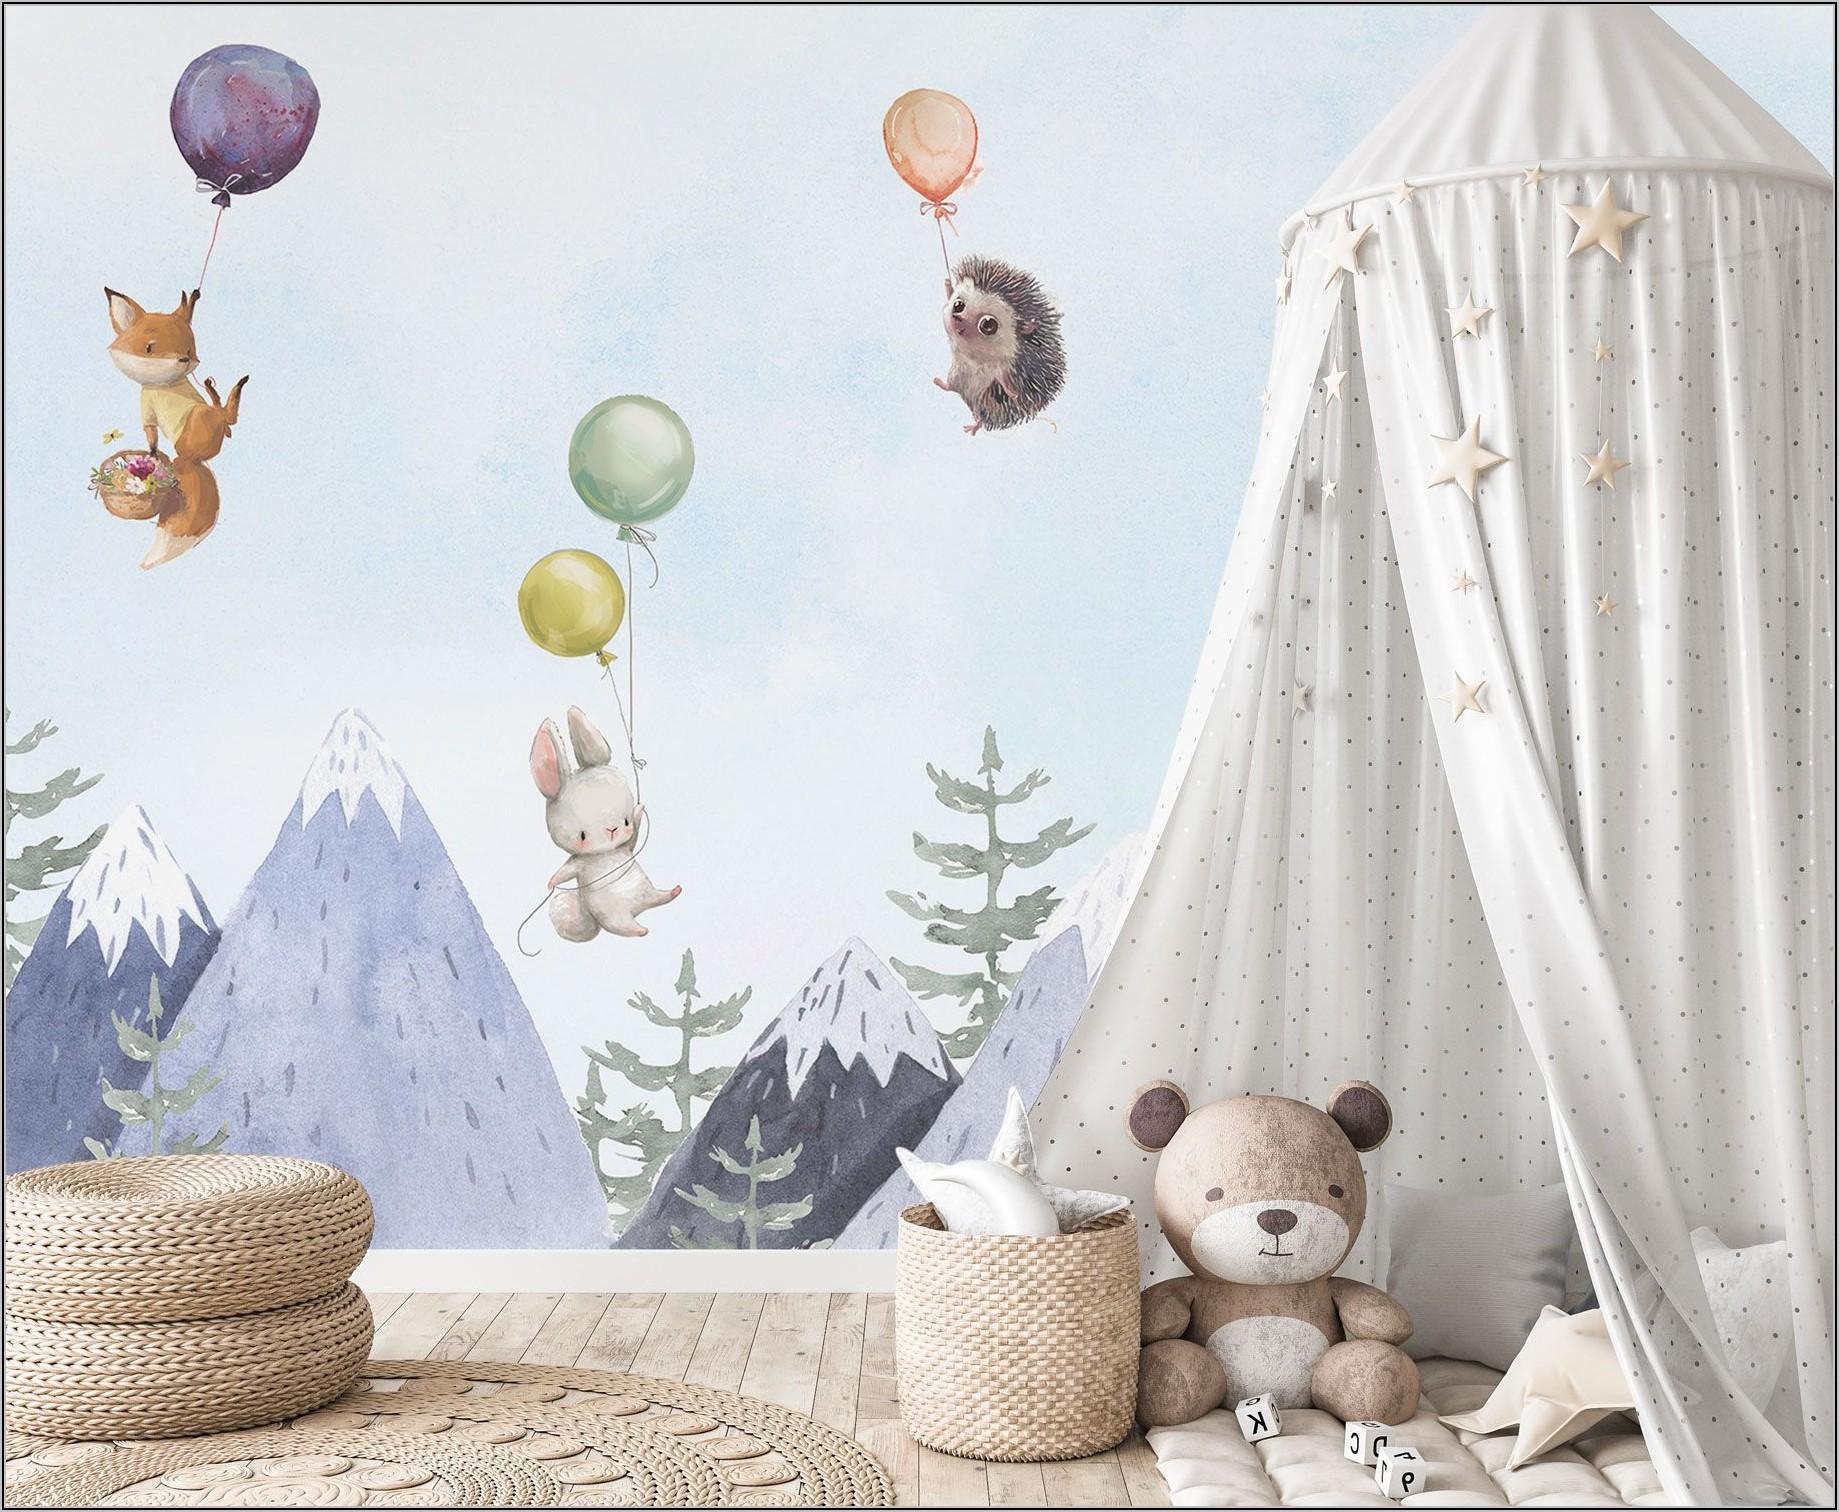 Tapete Kinderzimmer Junge Berge